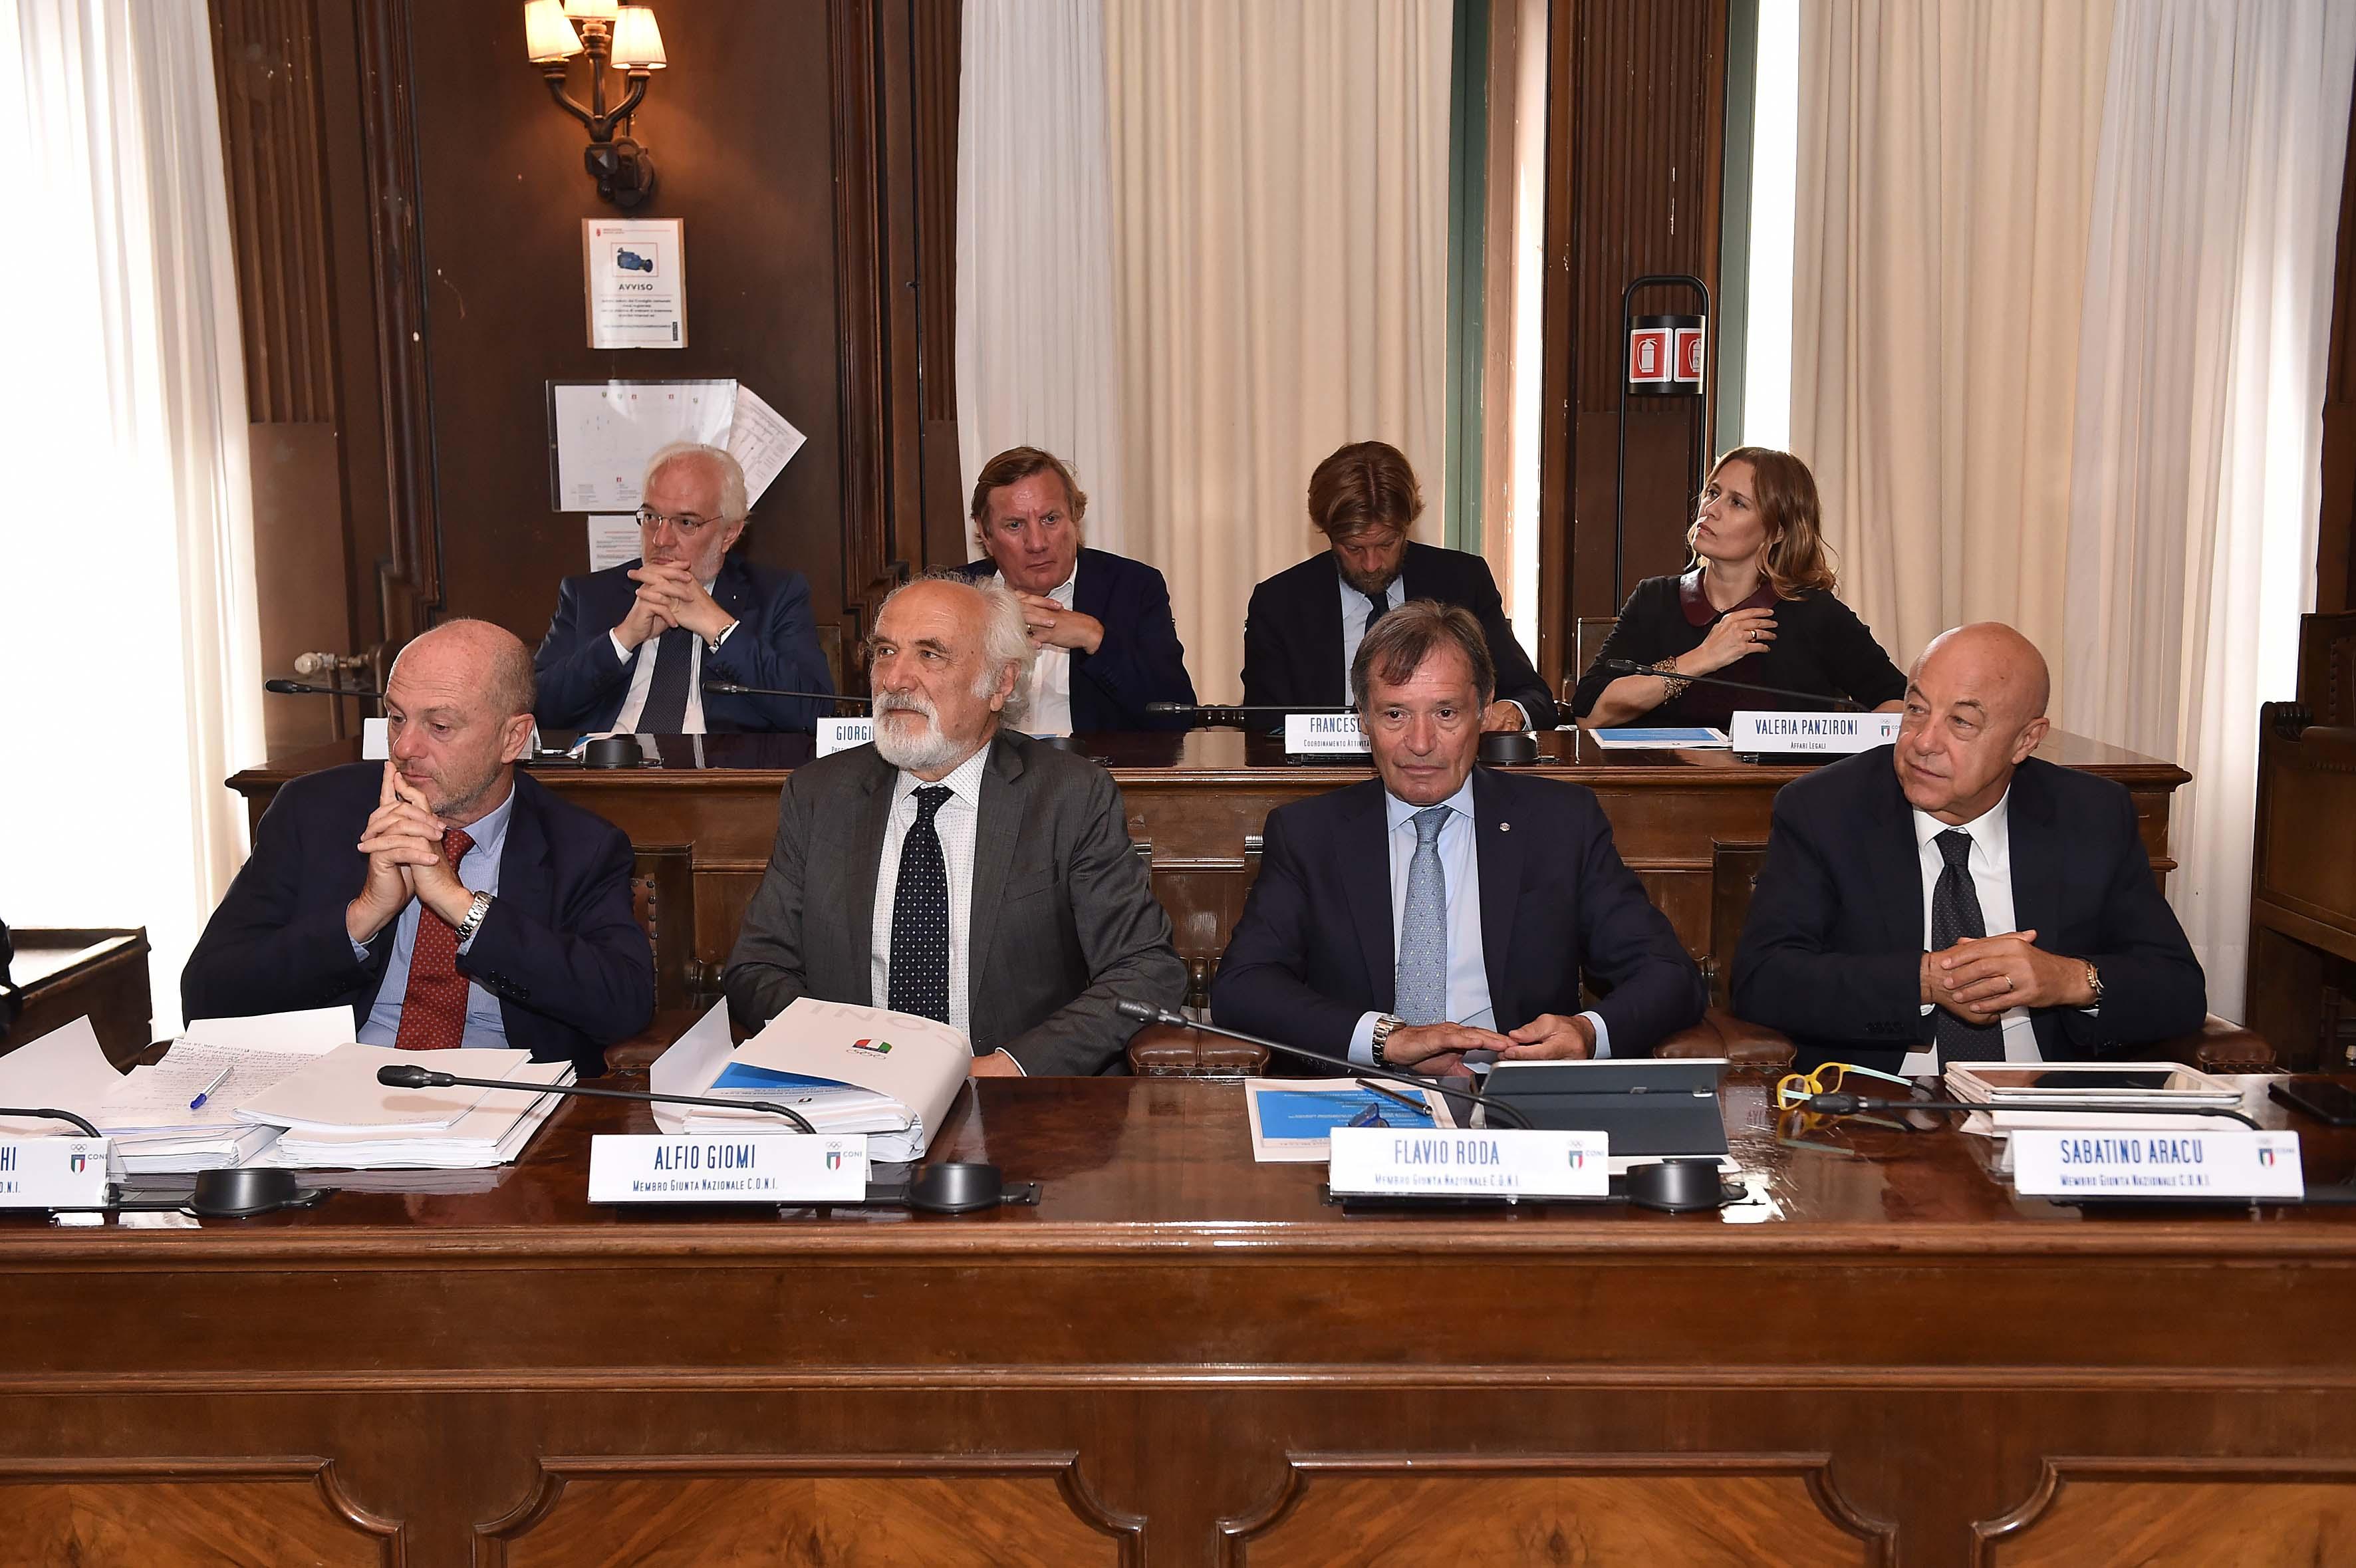 180612 0056 Trieste Giunta foto Simone Ferraro SFA_8689 copia